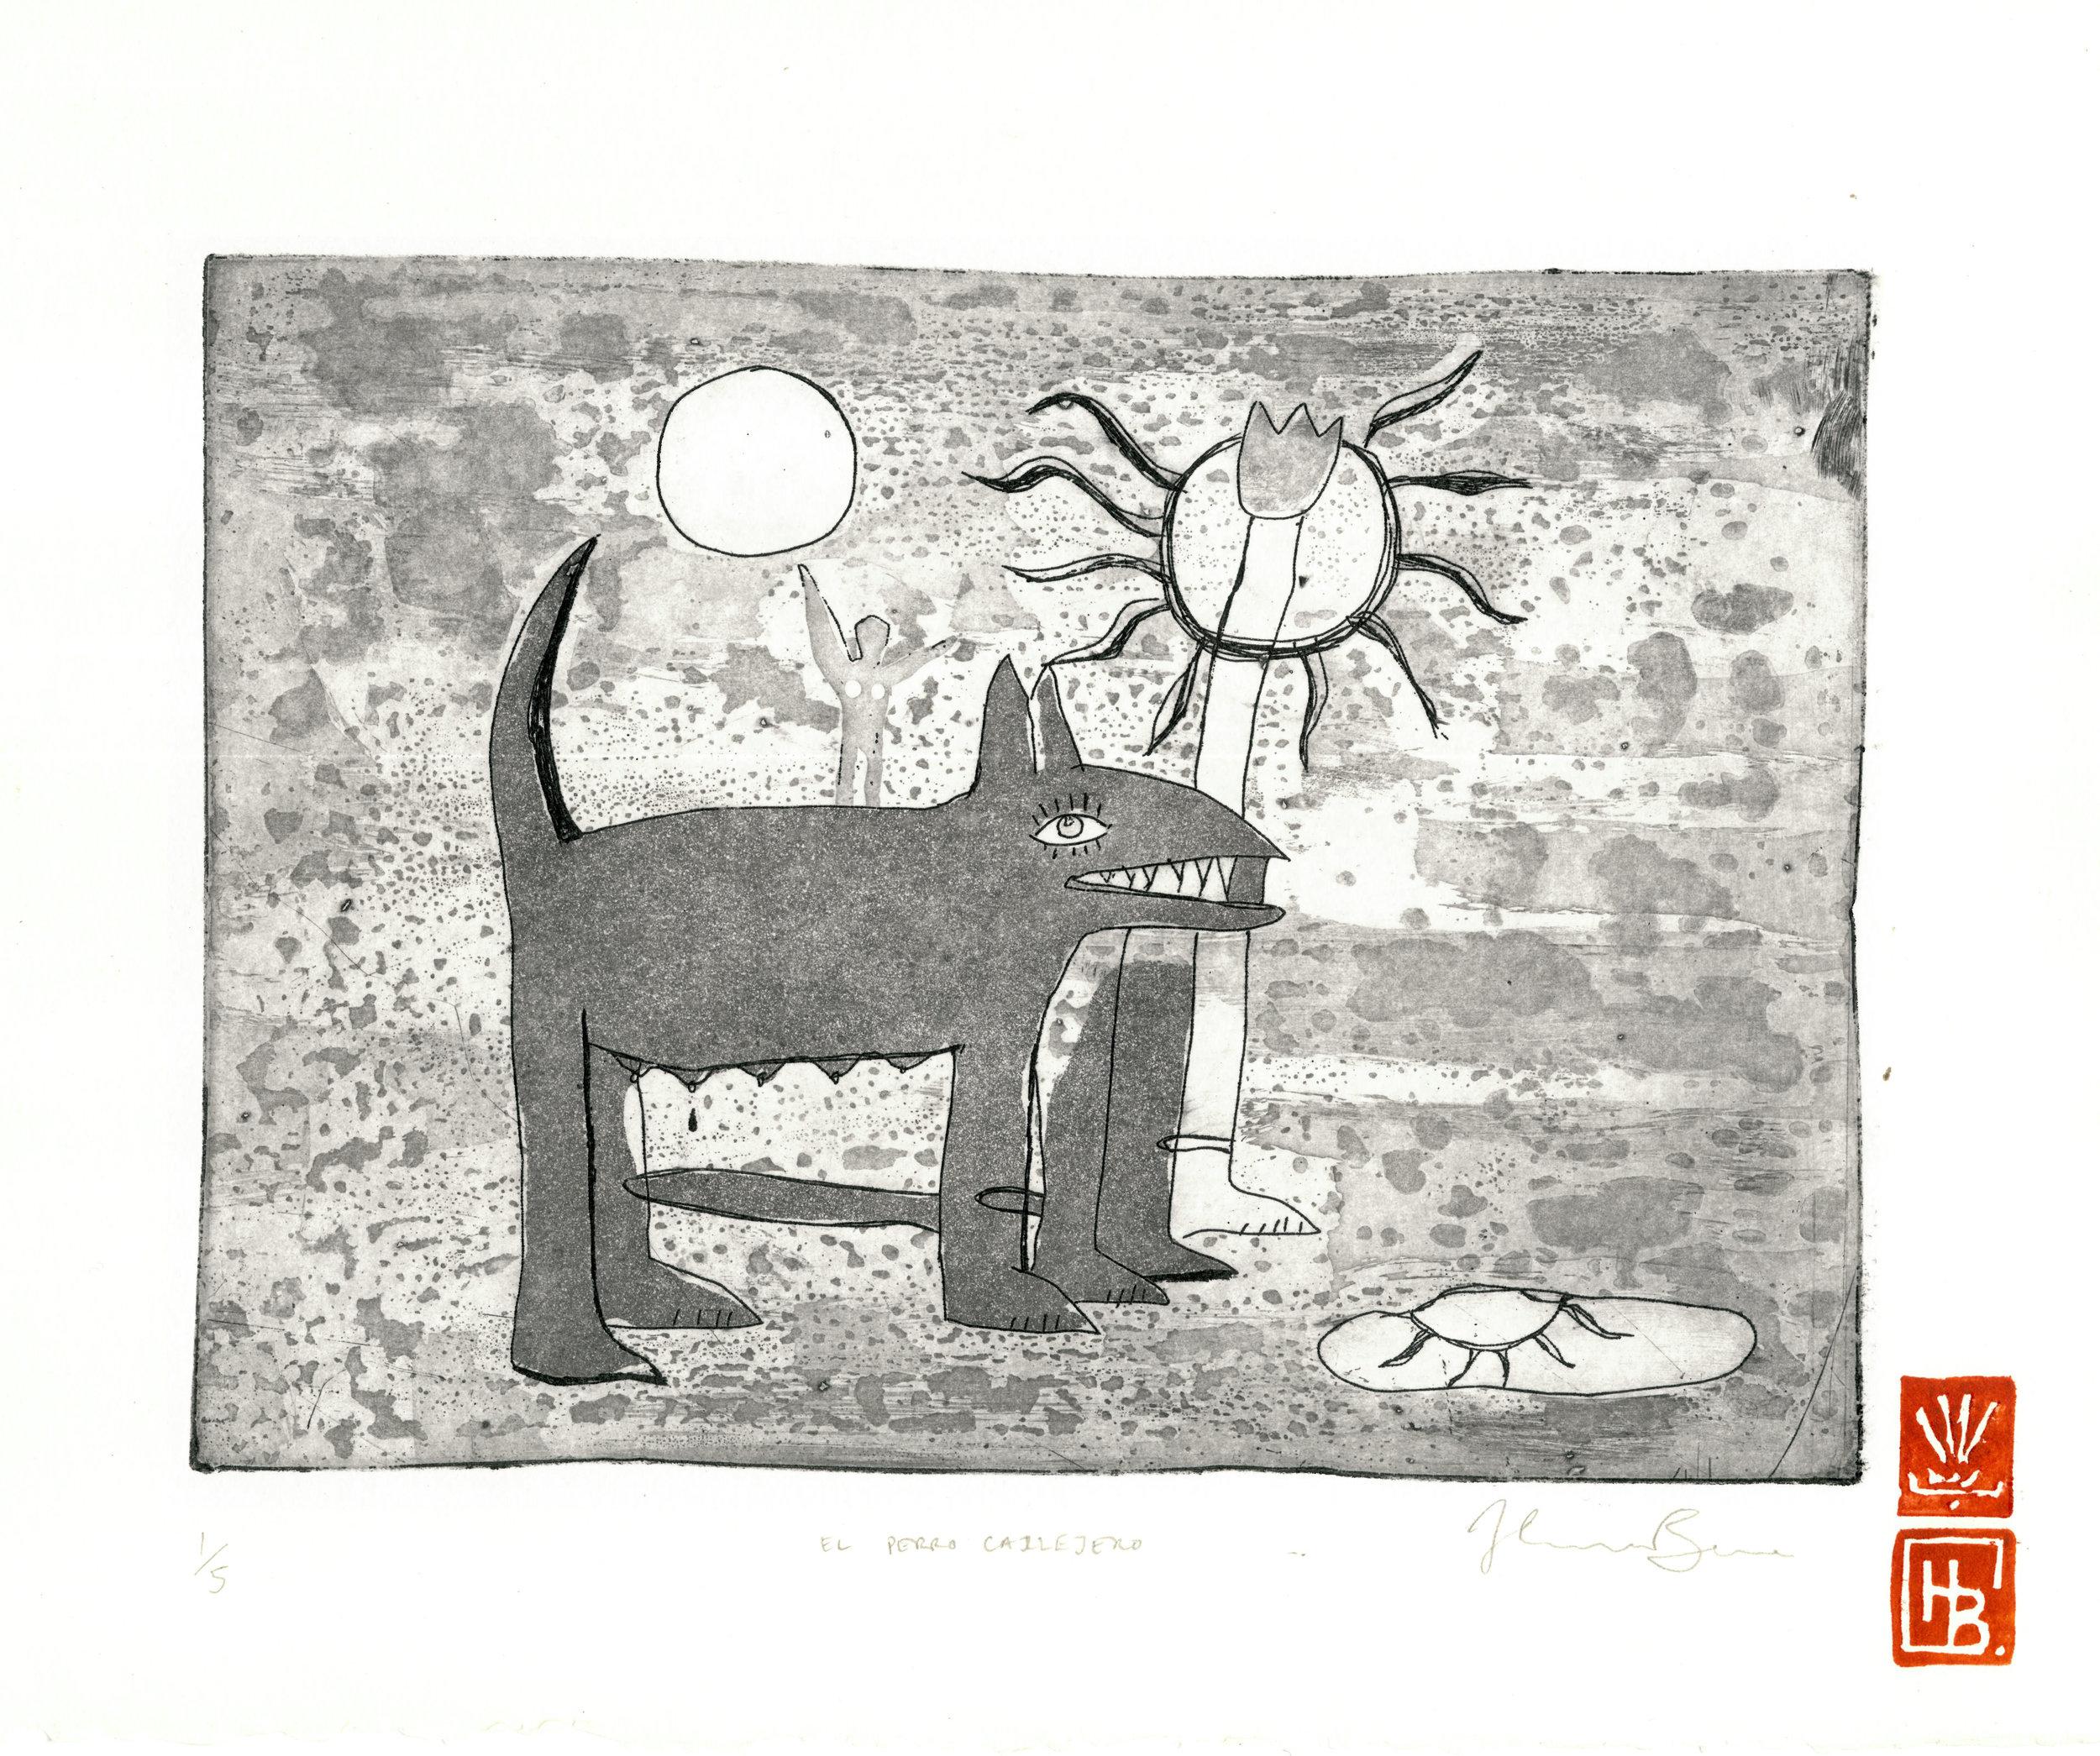 El Perro Callejero, 2015  Aquatint etching